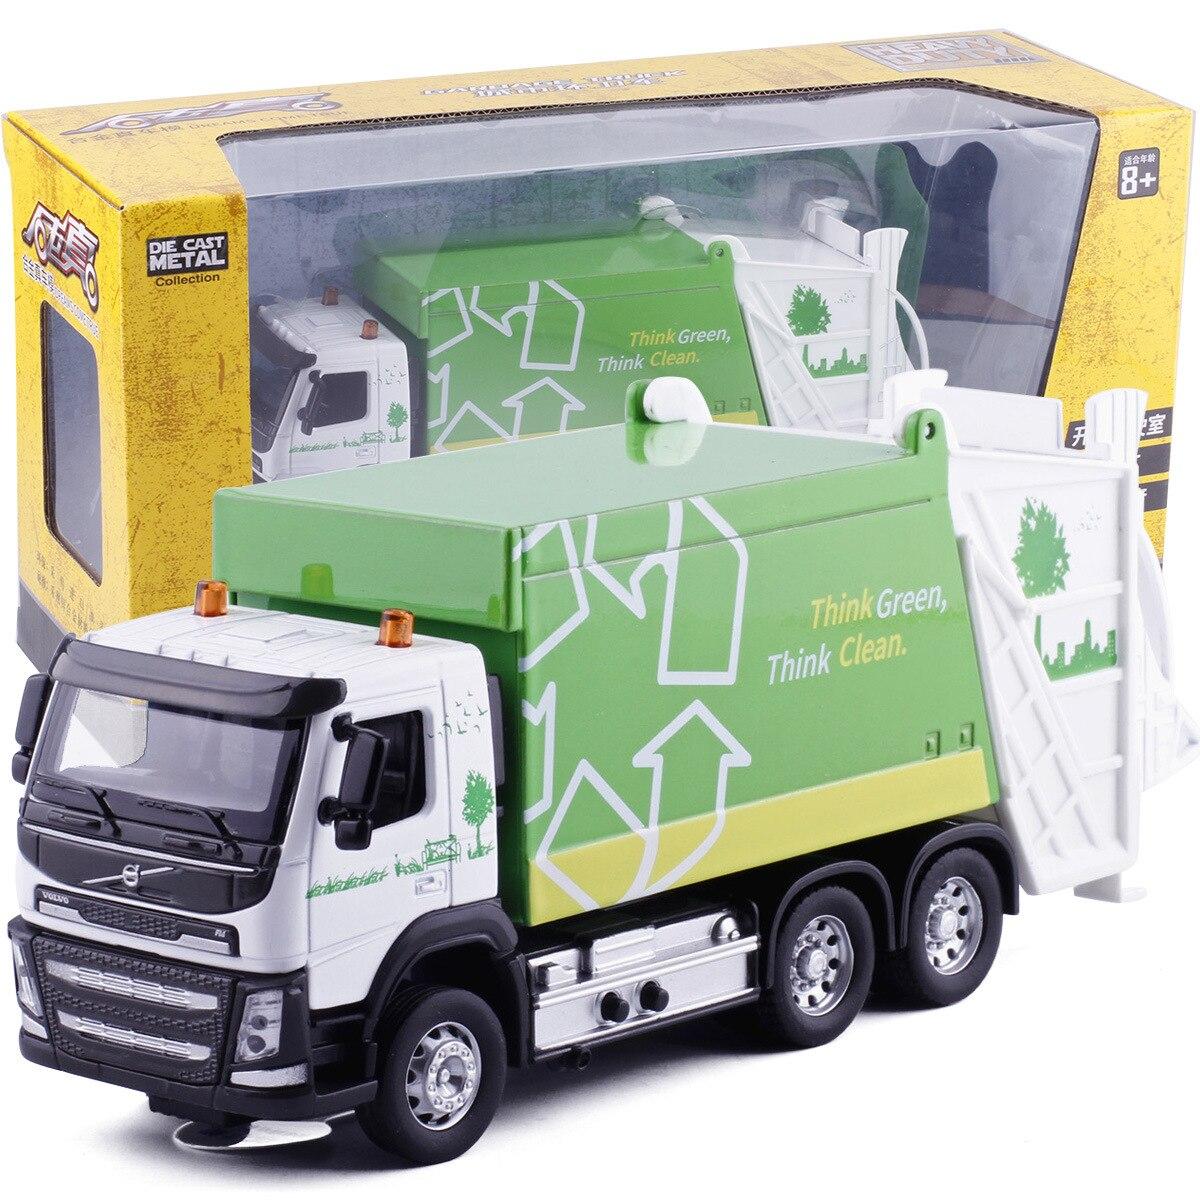 Haute simulation 1:32 alliage vert penser propre, camion À Ordures de voiture, Volvo camion, boîte cadeau emballage d'origine, livraison gratuite